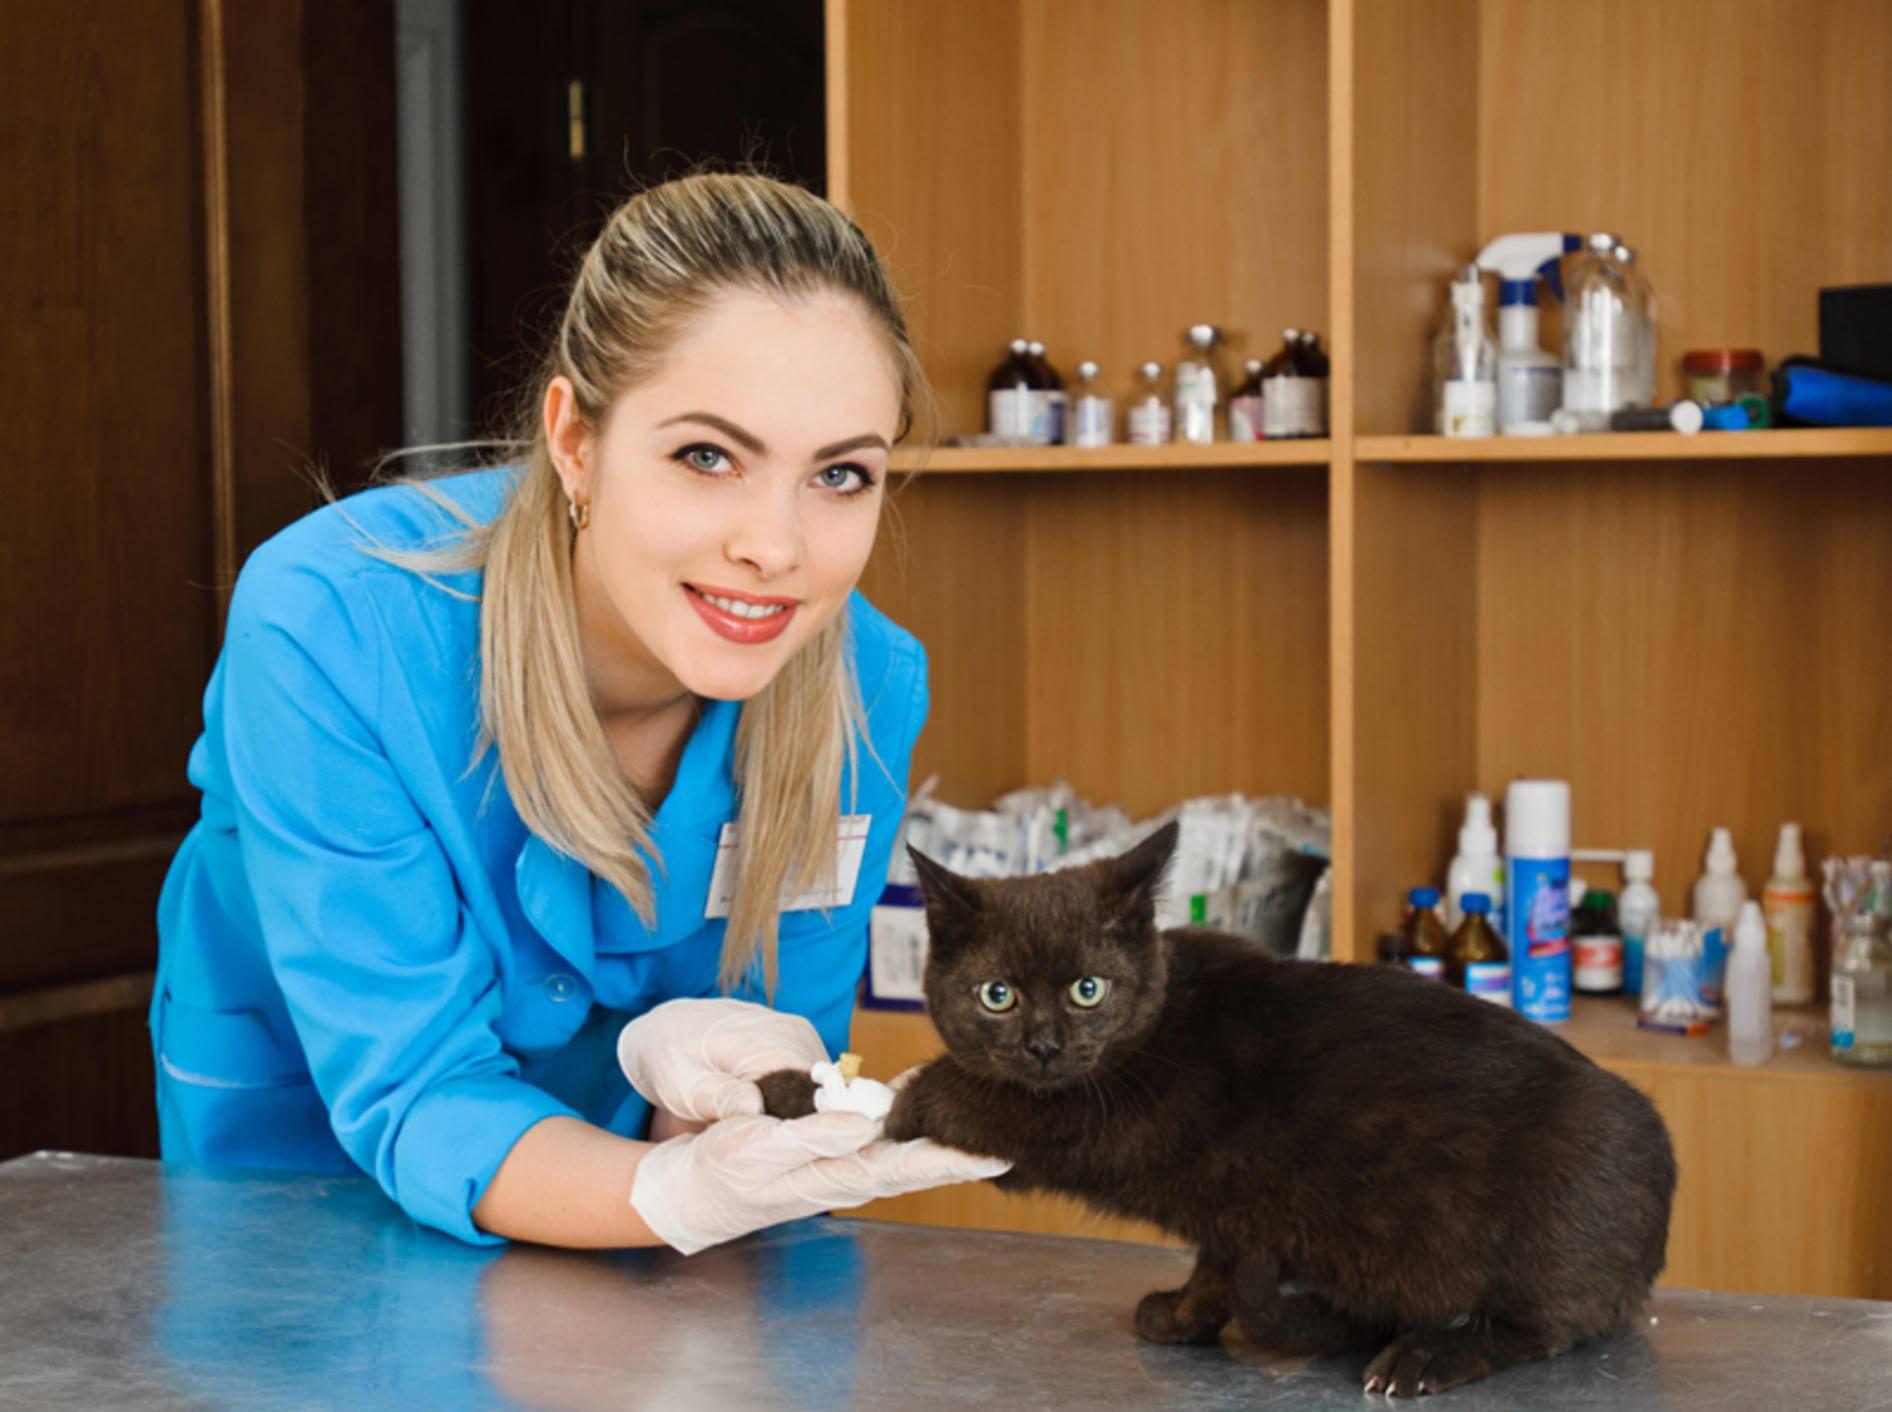 Die Tierärztin hilft dem unter Schmerzen leidenden Kätzchen